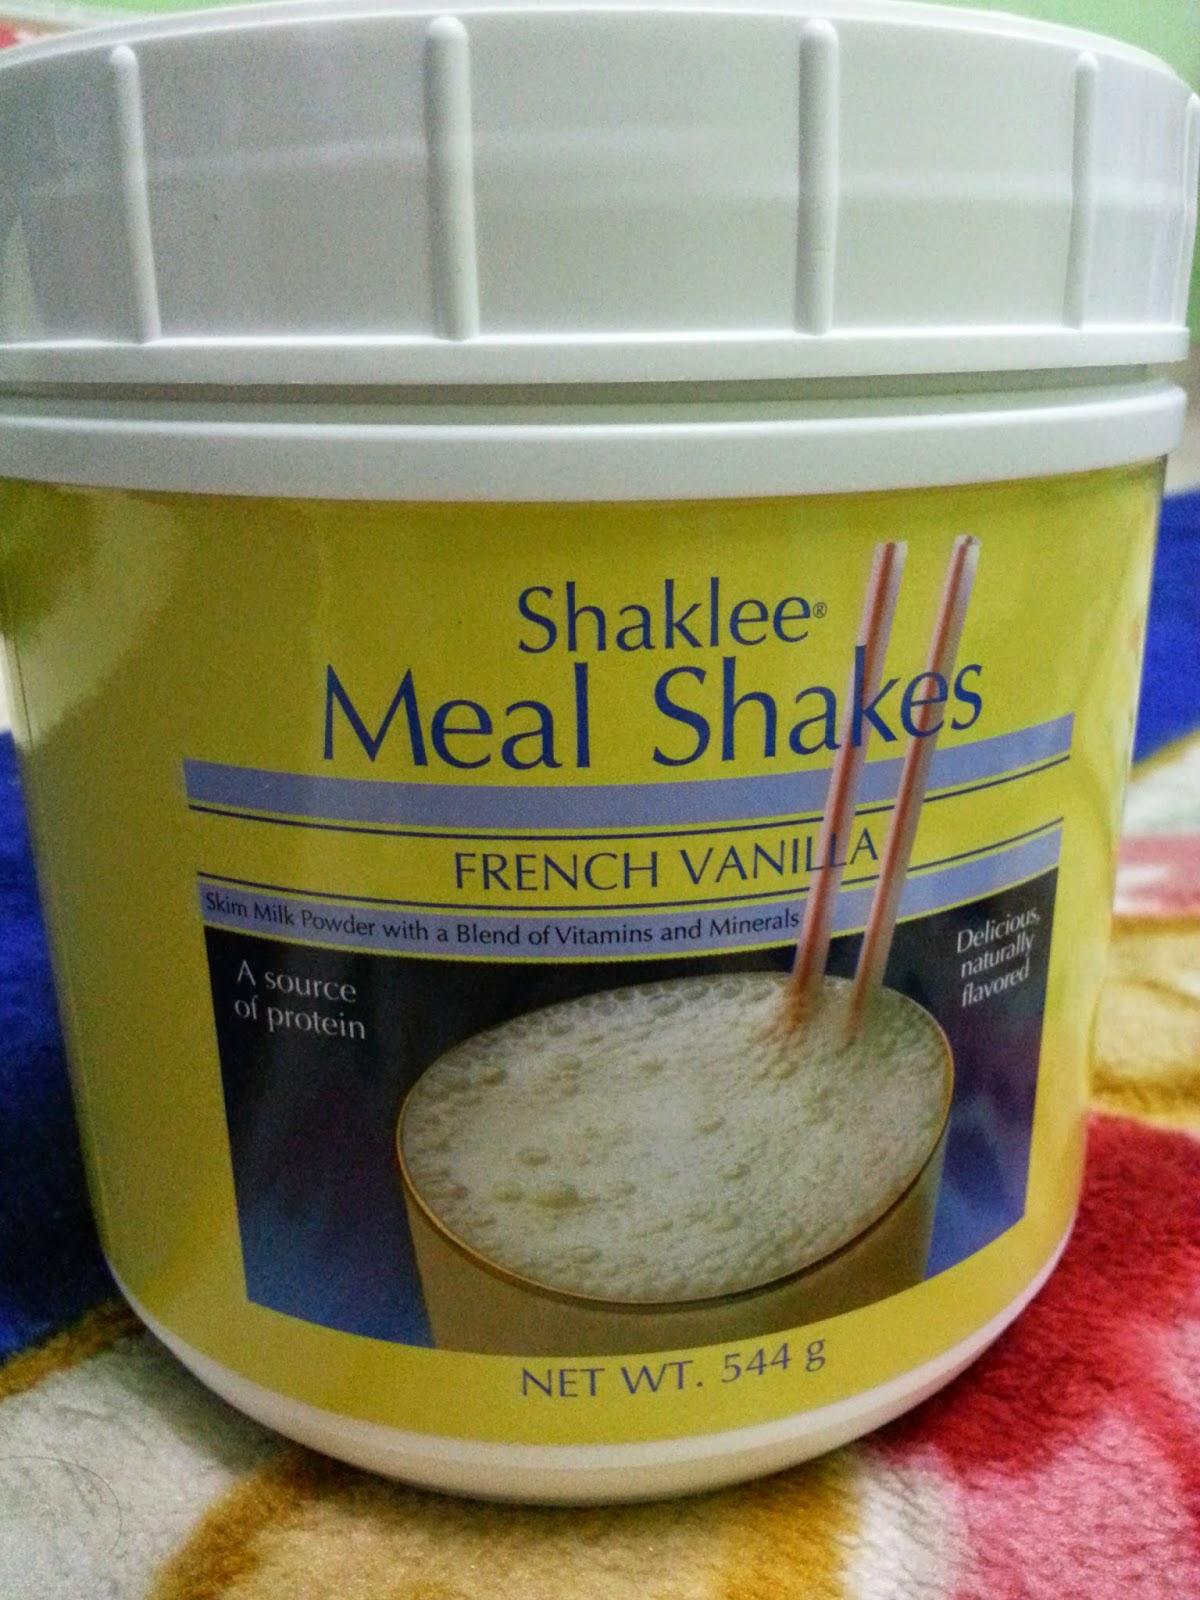 Mealshakes Shaklee Beli 3 percuma 1, penjimatan hebat untuk ibu-ibu di luar sana.